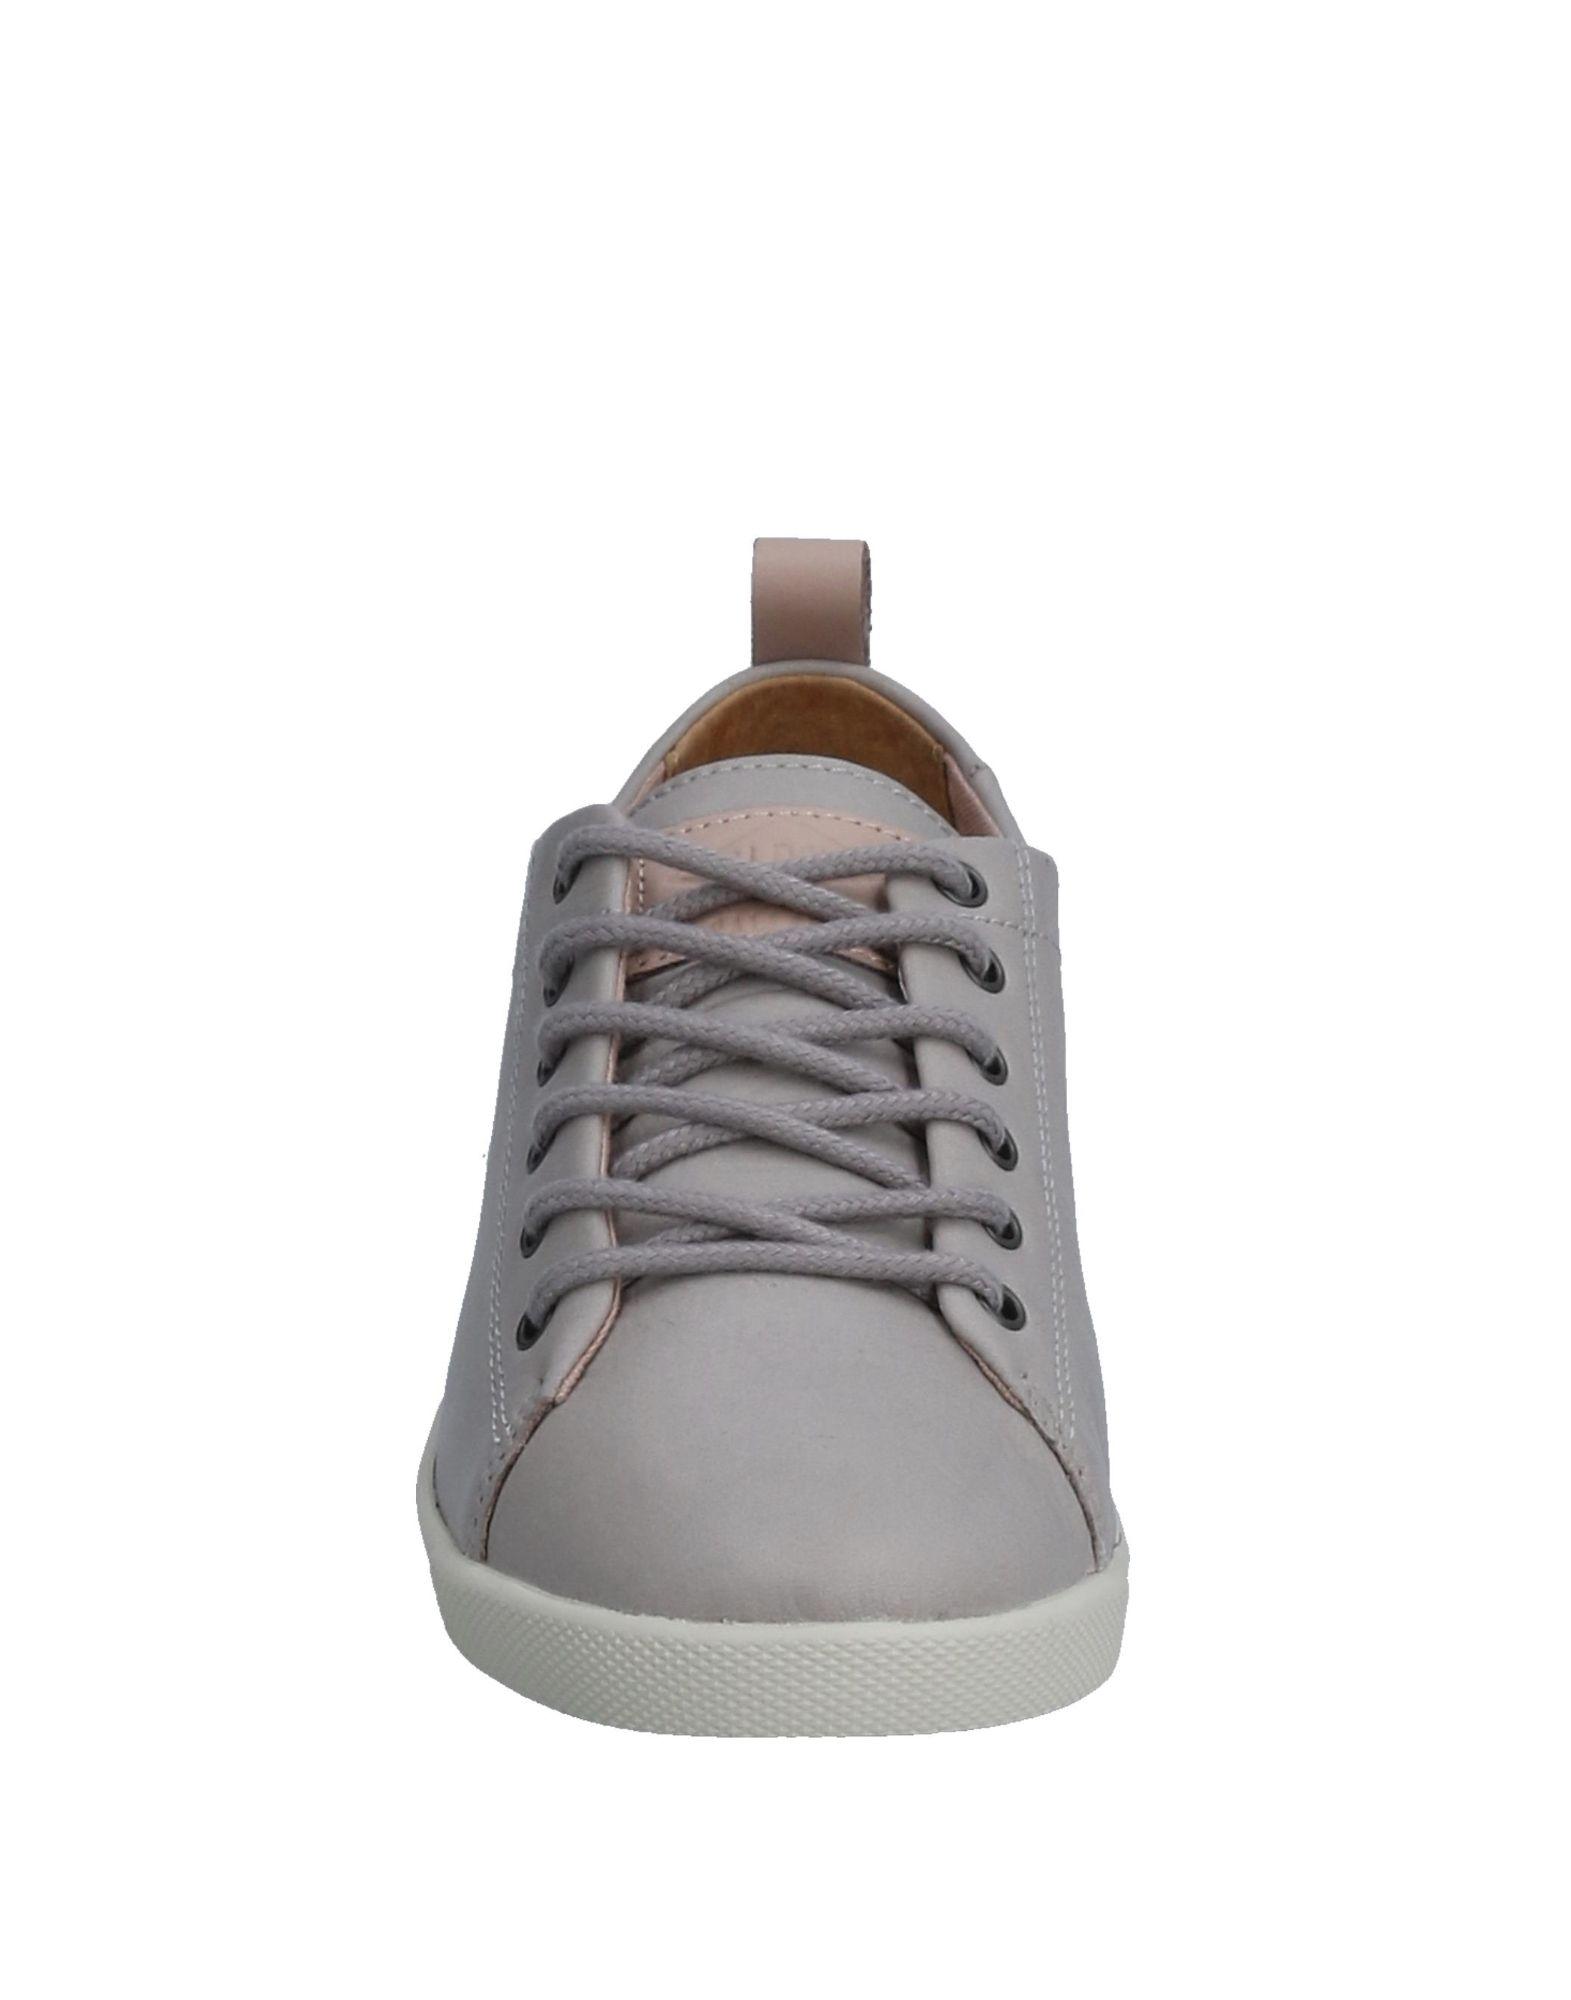 Pldm By Palladium sich Sneakers Damen Gutes Preis-Leistungs-Verhältnis, es lohnt sich Palladium f15c94